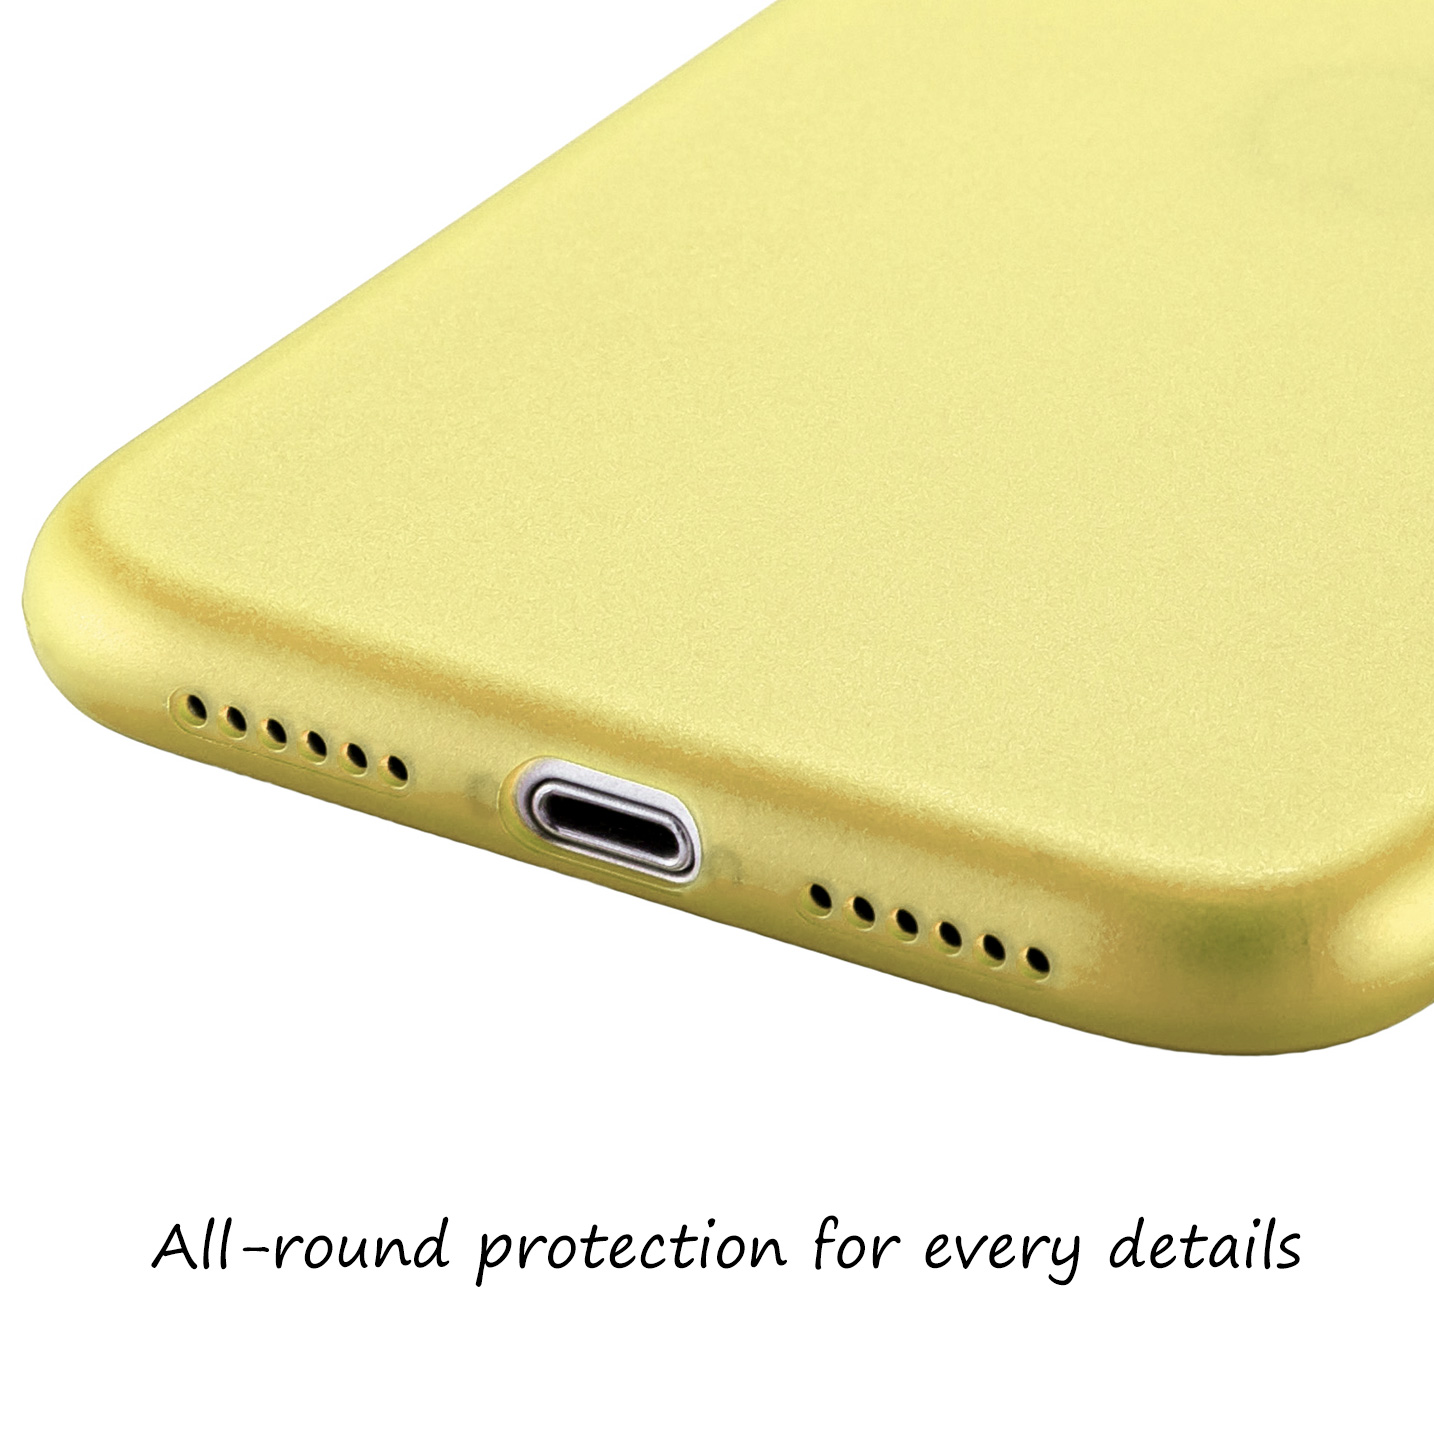 Ultra-Slim-Case-iPhone-11-6-1-034-Matt-Clear-Schutz-Huelle-Skin-Cover-Tasche-Folie Indexbild 36